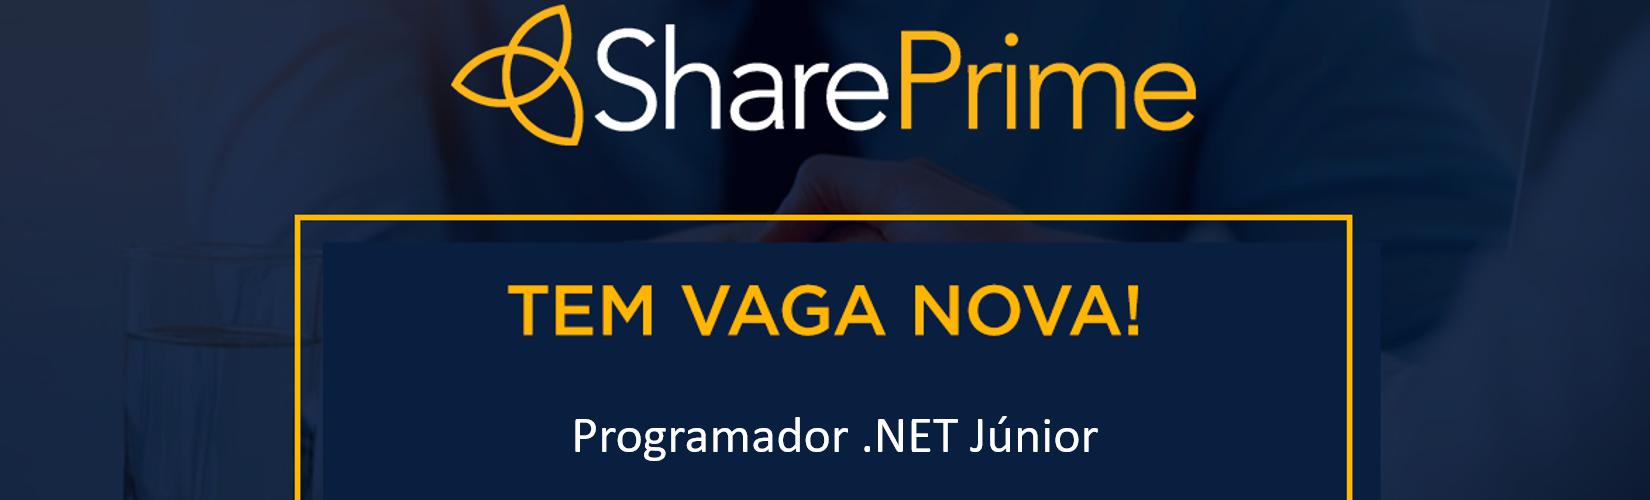 [SHAREPRIME] Programador .NET Júnior